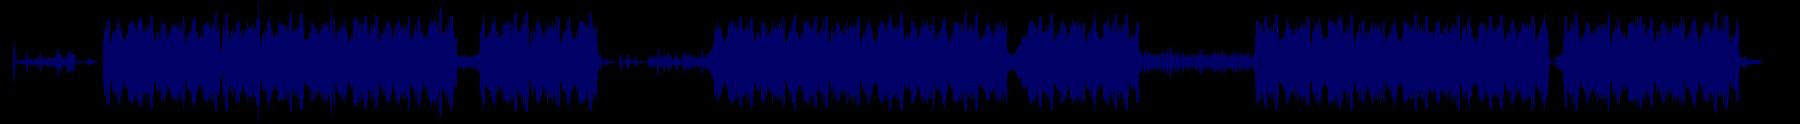 waveform of track #70392